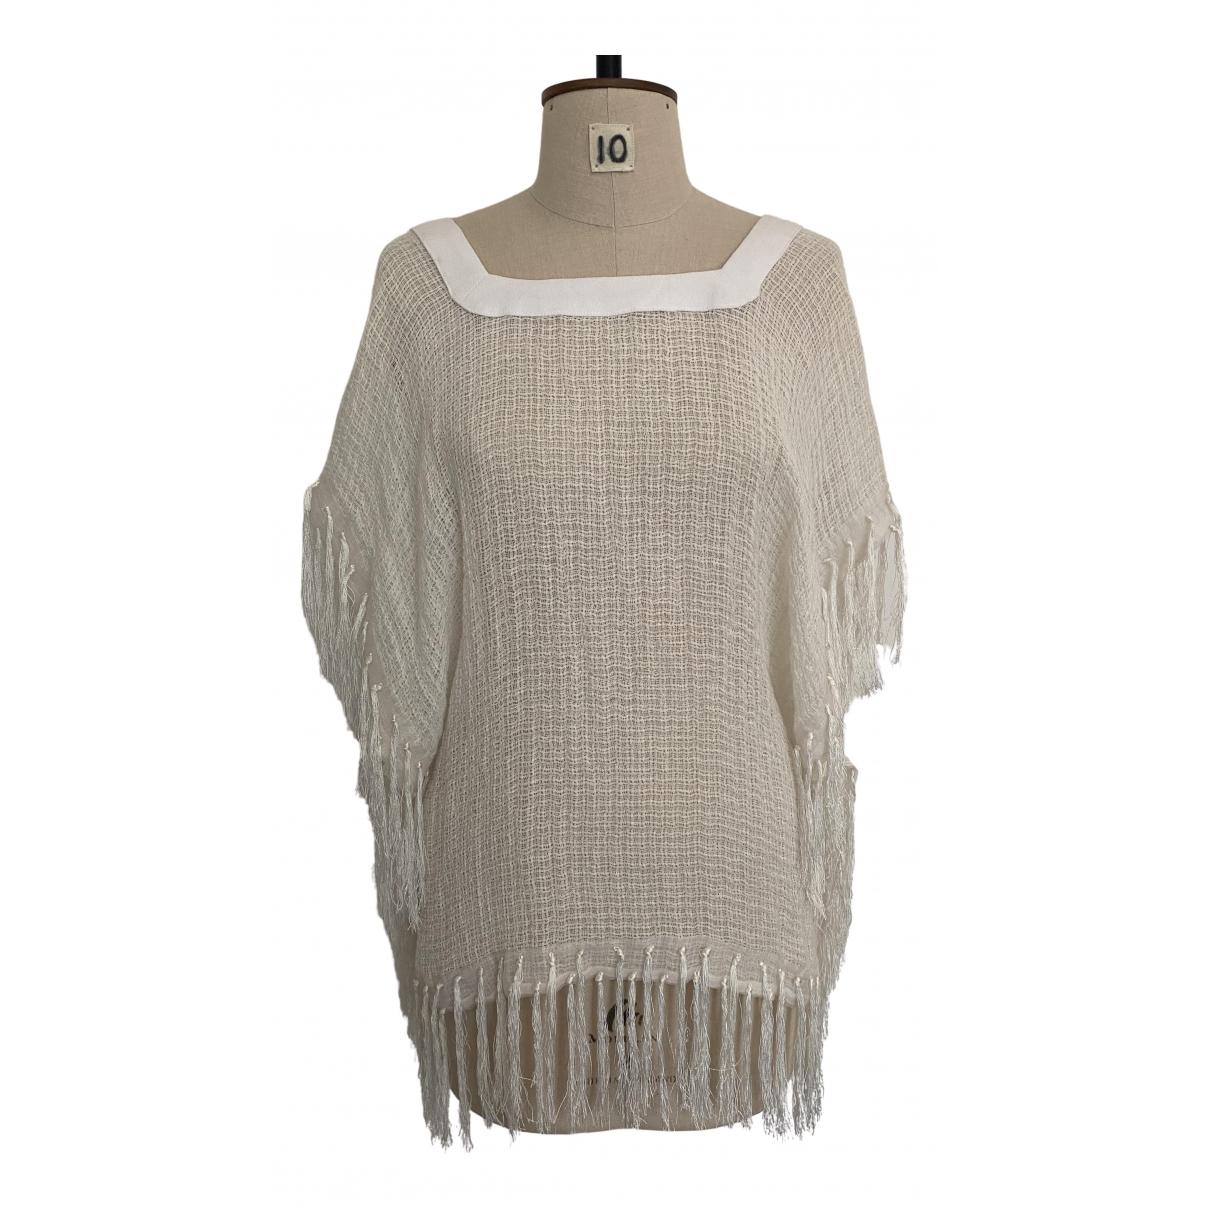 Rodebjer \N White Linen  top for Women S International